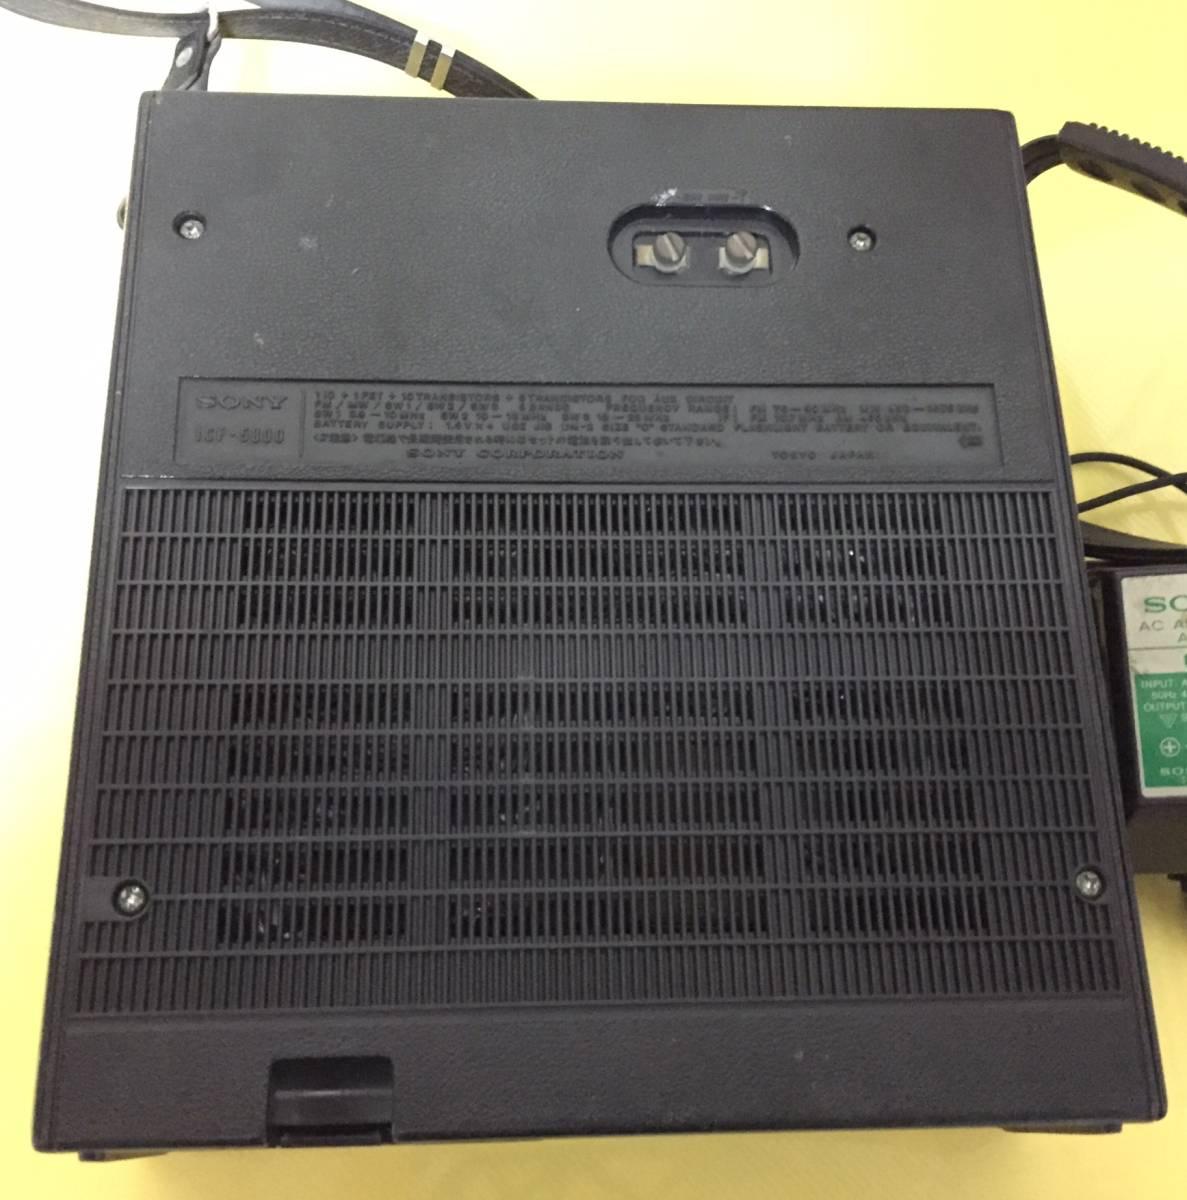 ソニー SONY ICF-5800 スカイセンサー ラジオ 1円 ジャンク_画像3